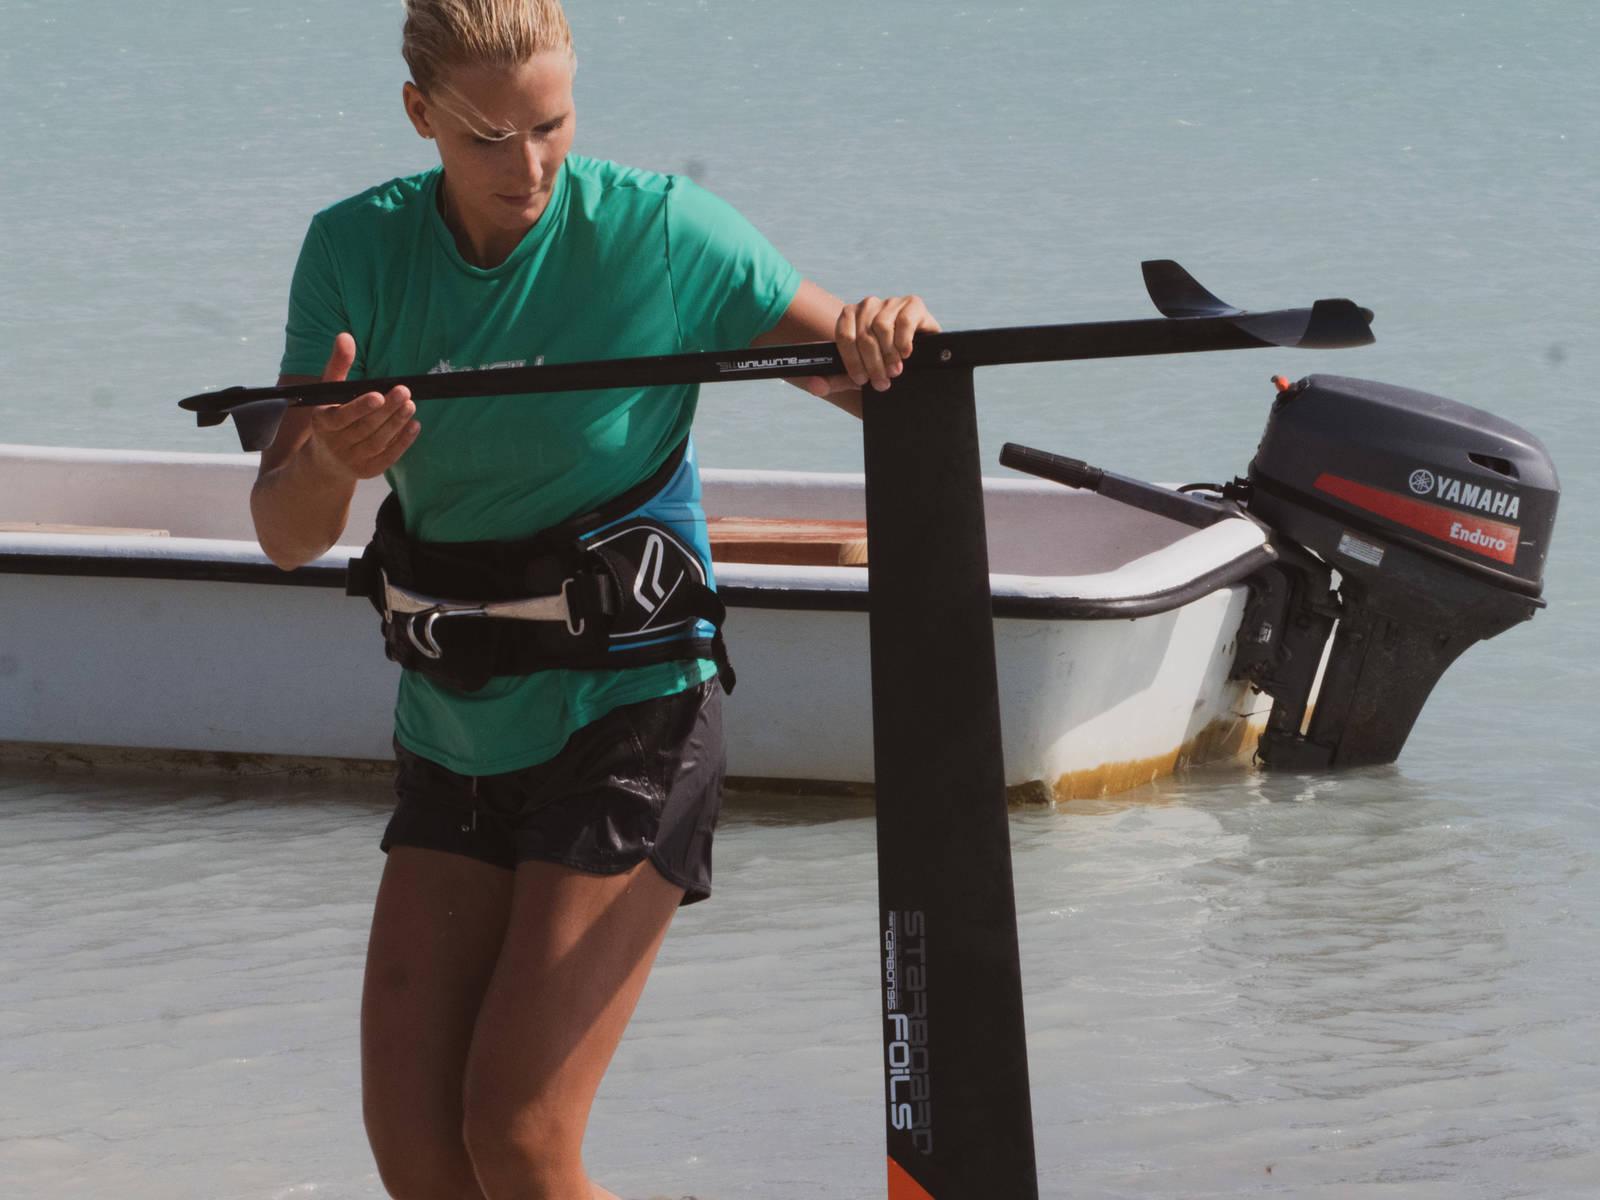 Oda Johanne Stokstad Brødholt er landets ledende windsurfer, og hun har kastet seg å foil-kjøret. Bilde: Privat